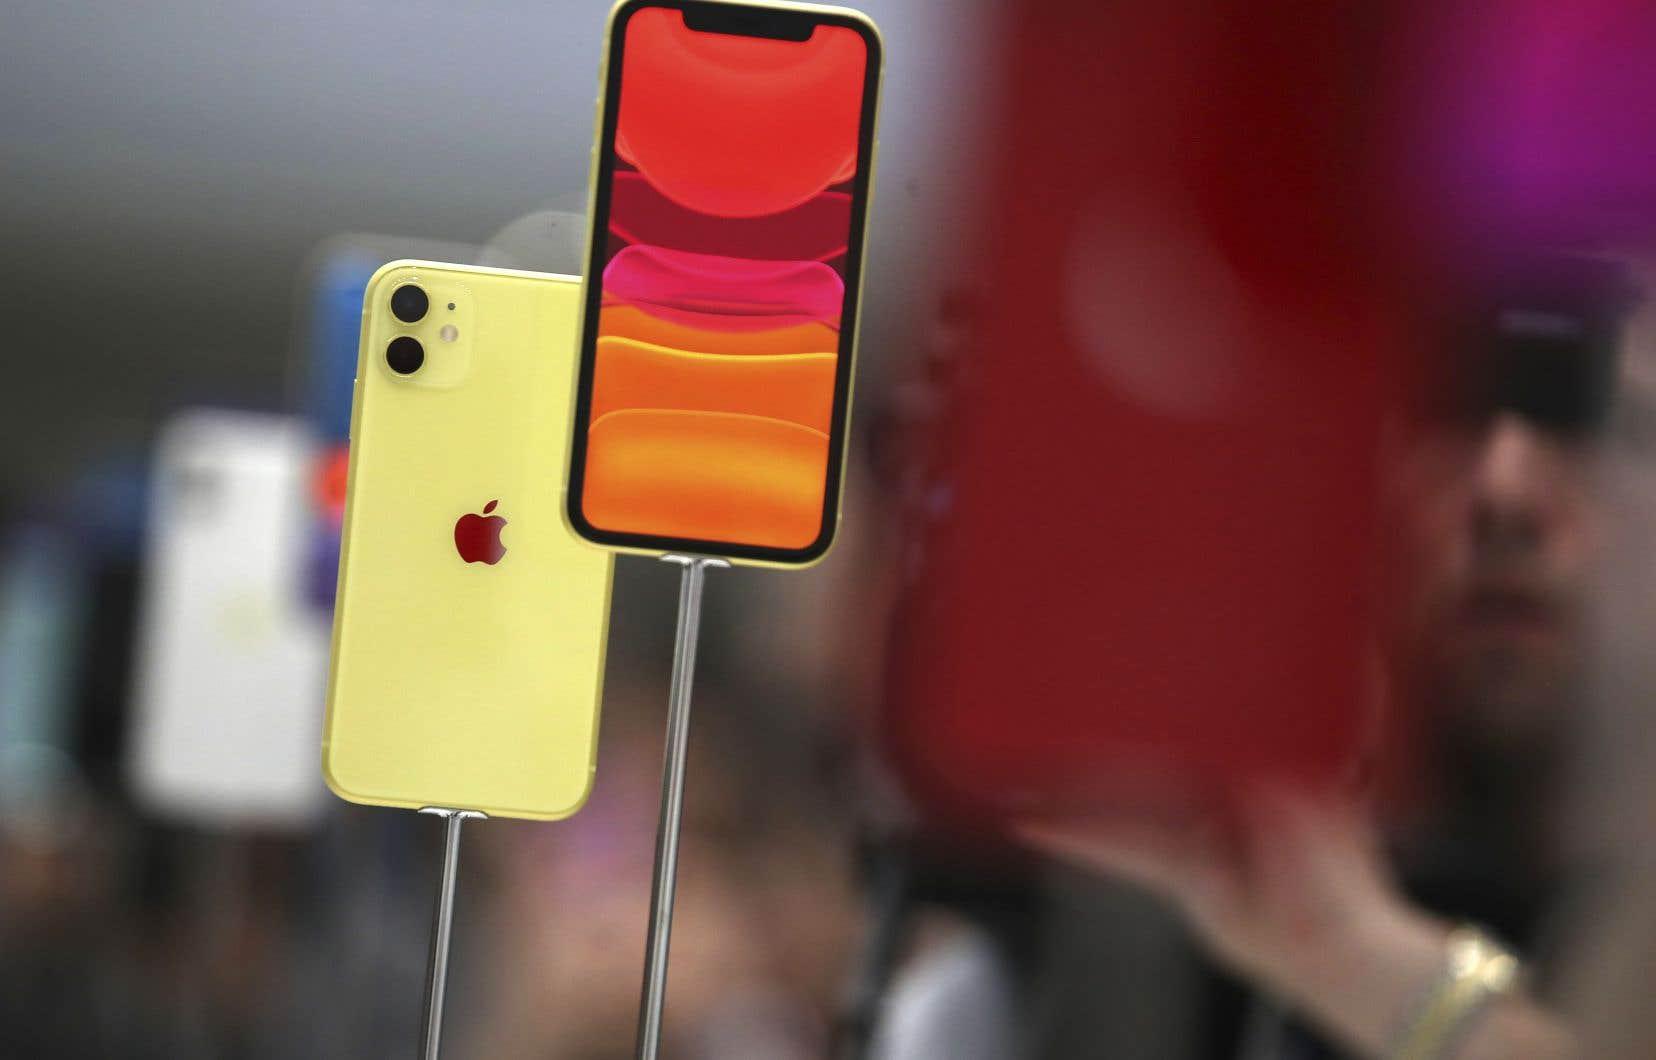 L'iPhone 11 aura une double caméra à l'arrière, large et ultralarge, et le capteur sur l'avant de l'appareil, utilisé pour les «selfies», permettra de filmer au ralenti.